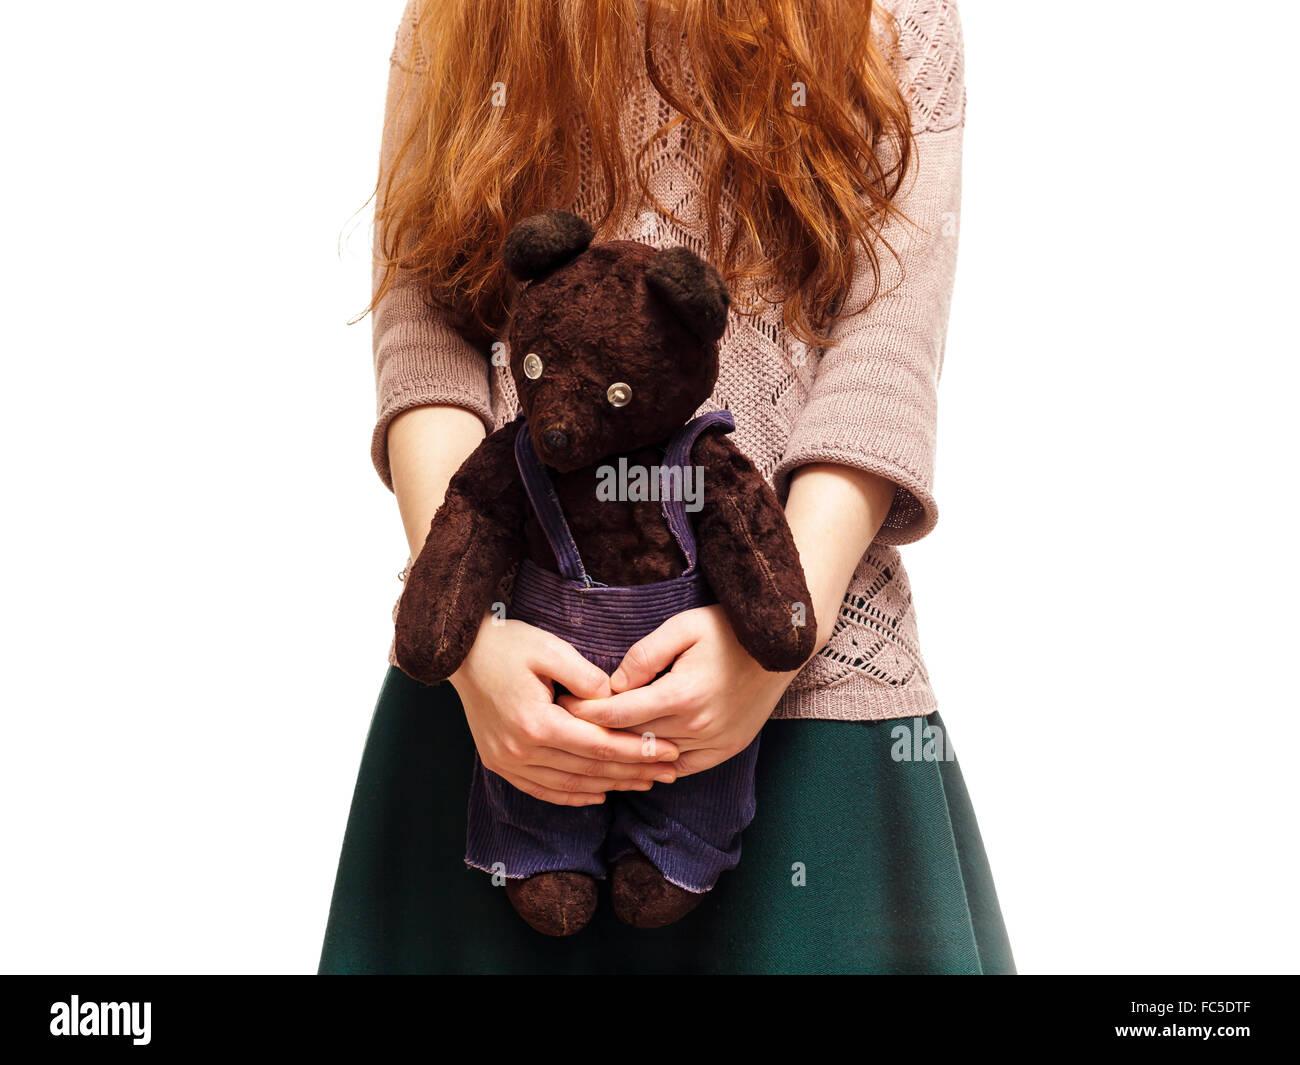 La solitudine e problemi di socializzazione in adolescenza Immagini Stock